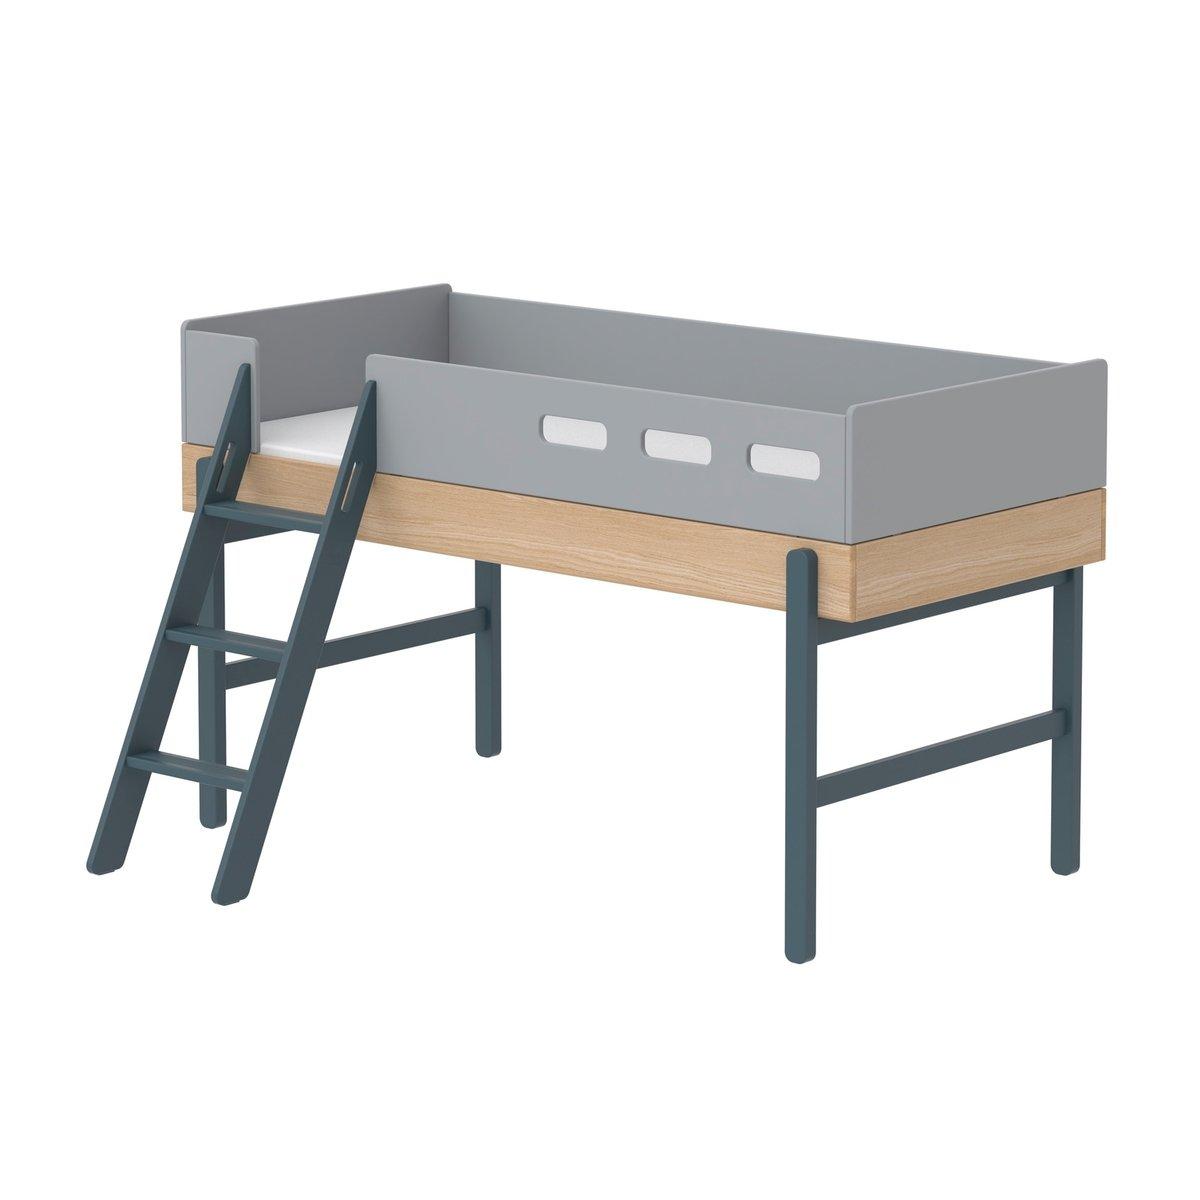 """Flexa Mittelhohes Bett """"Popsicle"""" aus Holz (90×200 cm) mit schräger Leiter, TÜV-geprüft (ab 4 Jahre) in grün Kinderbetten"""